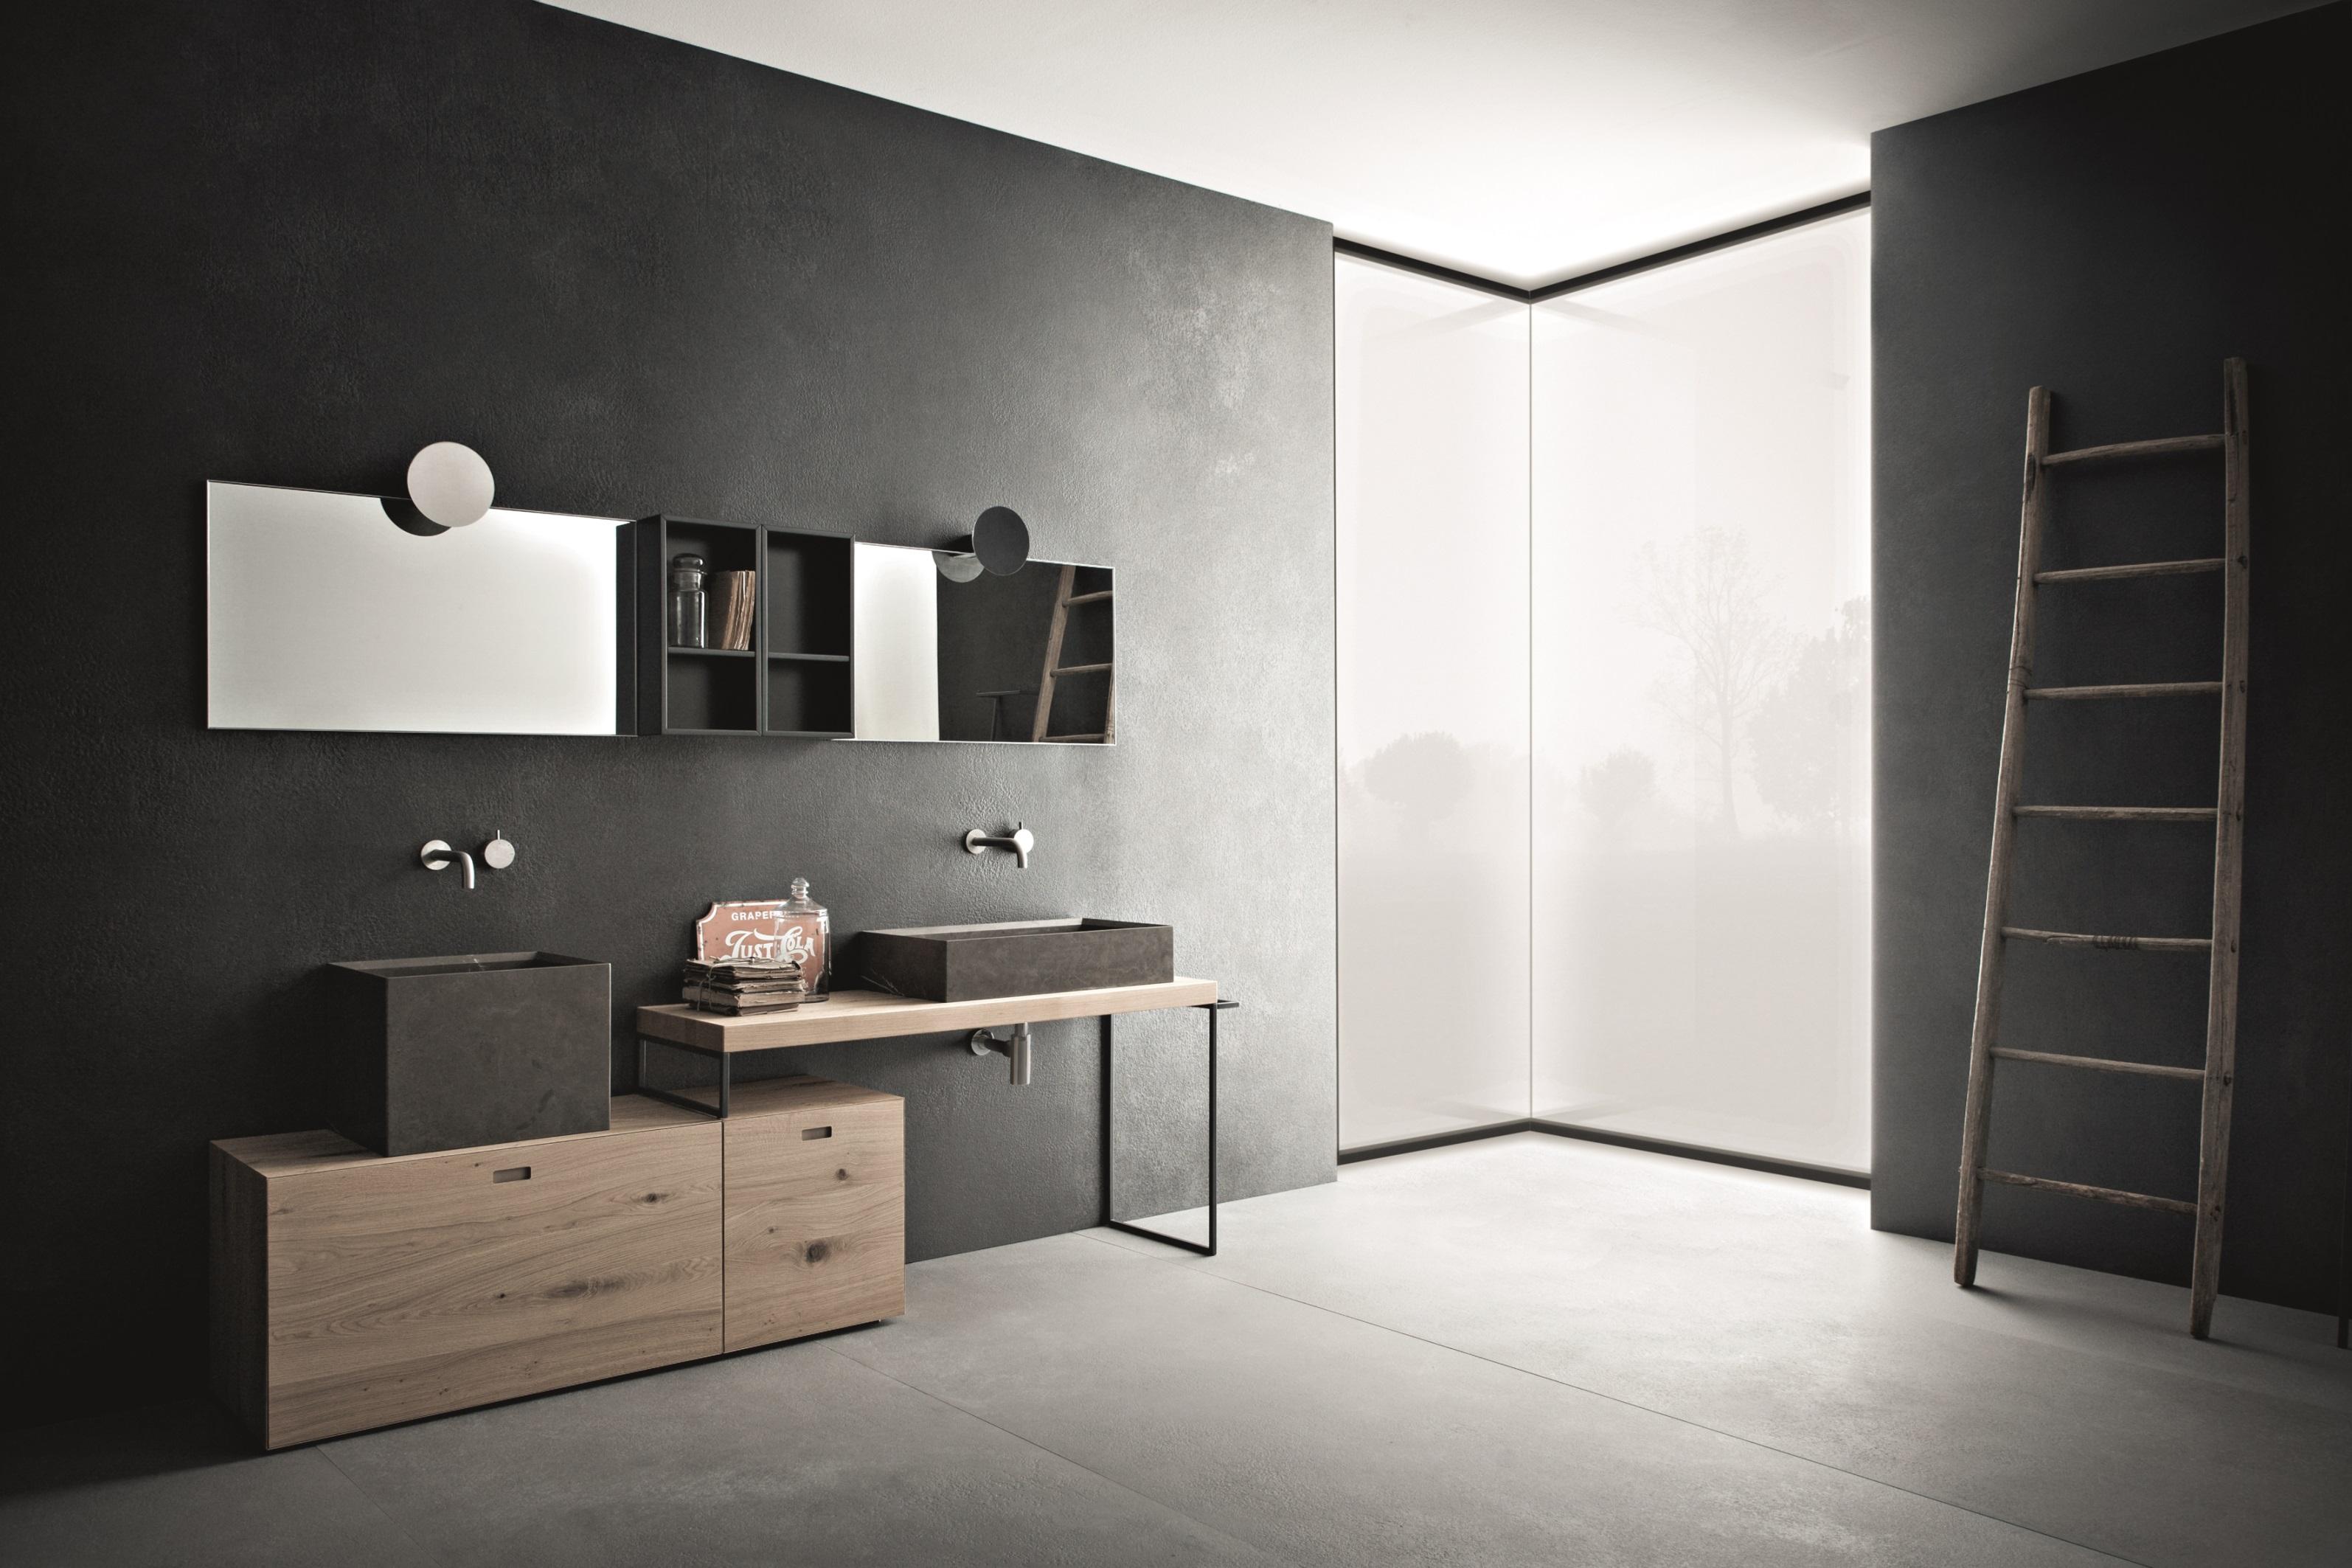 bd04_design_novello